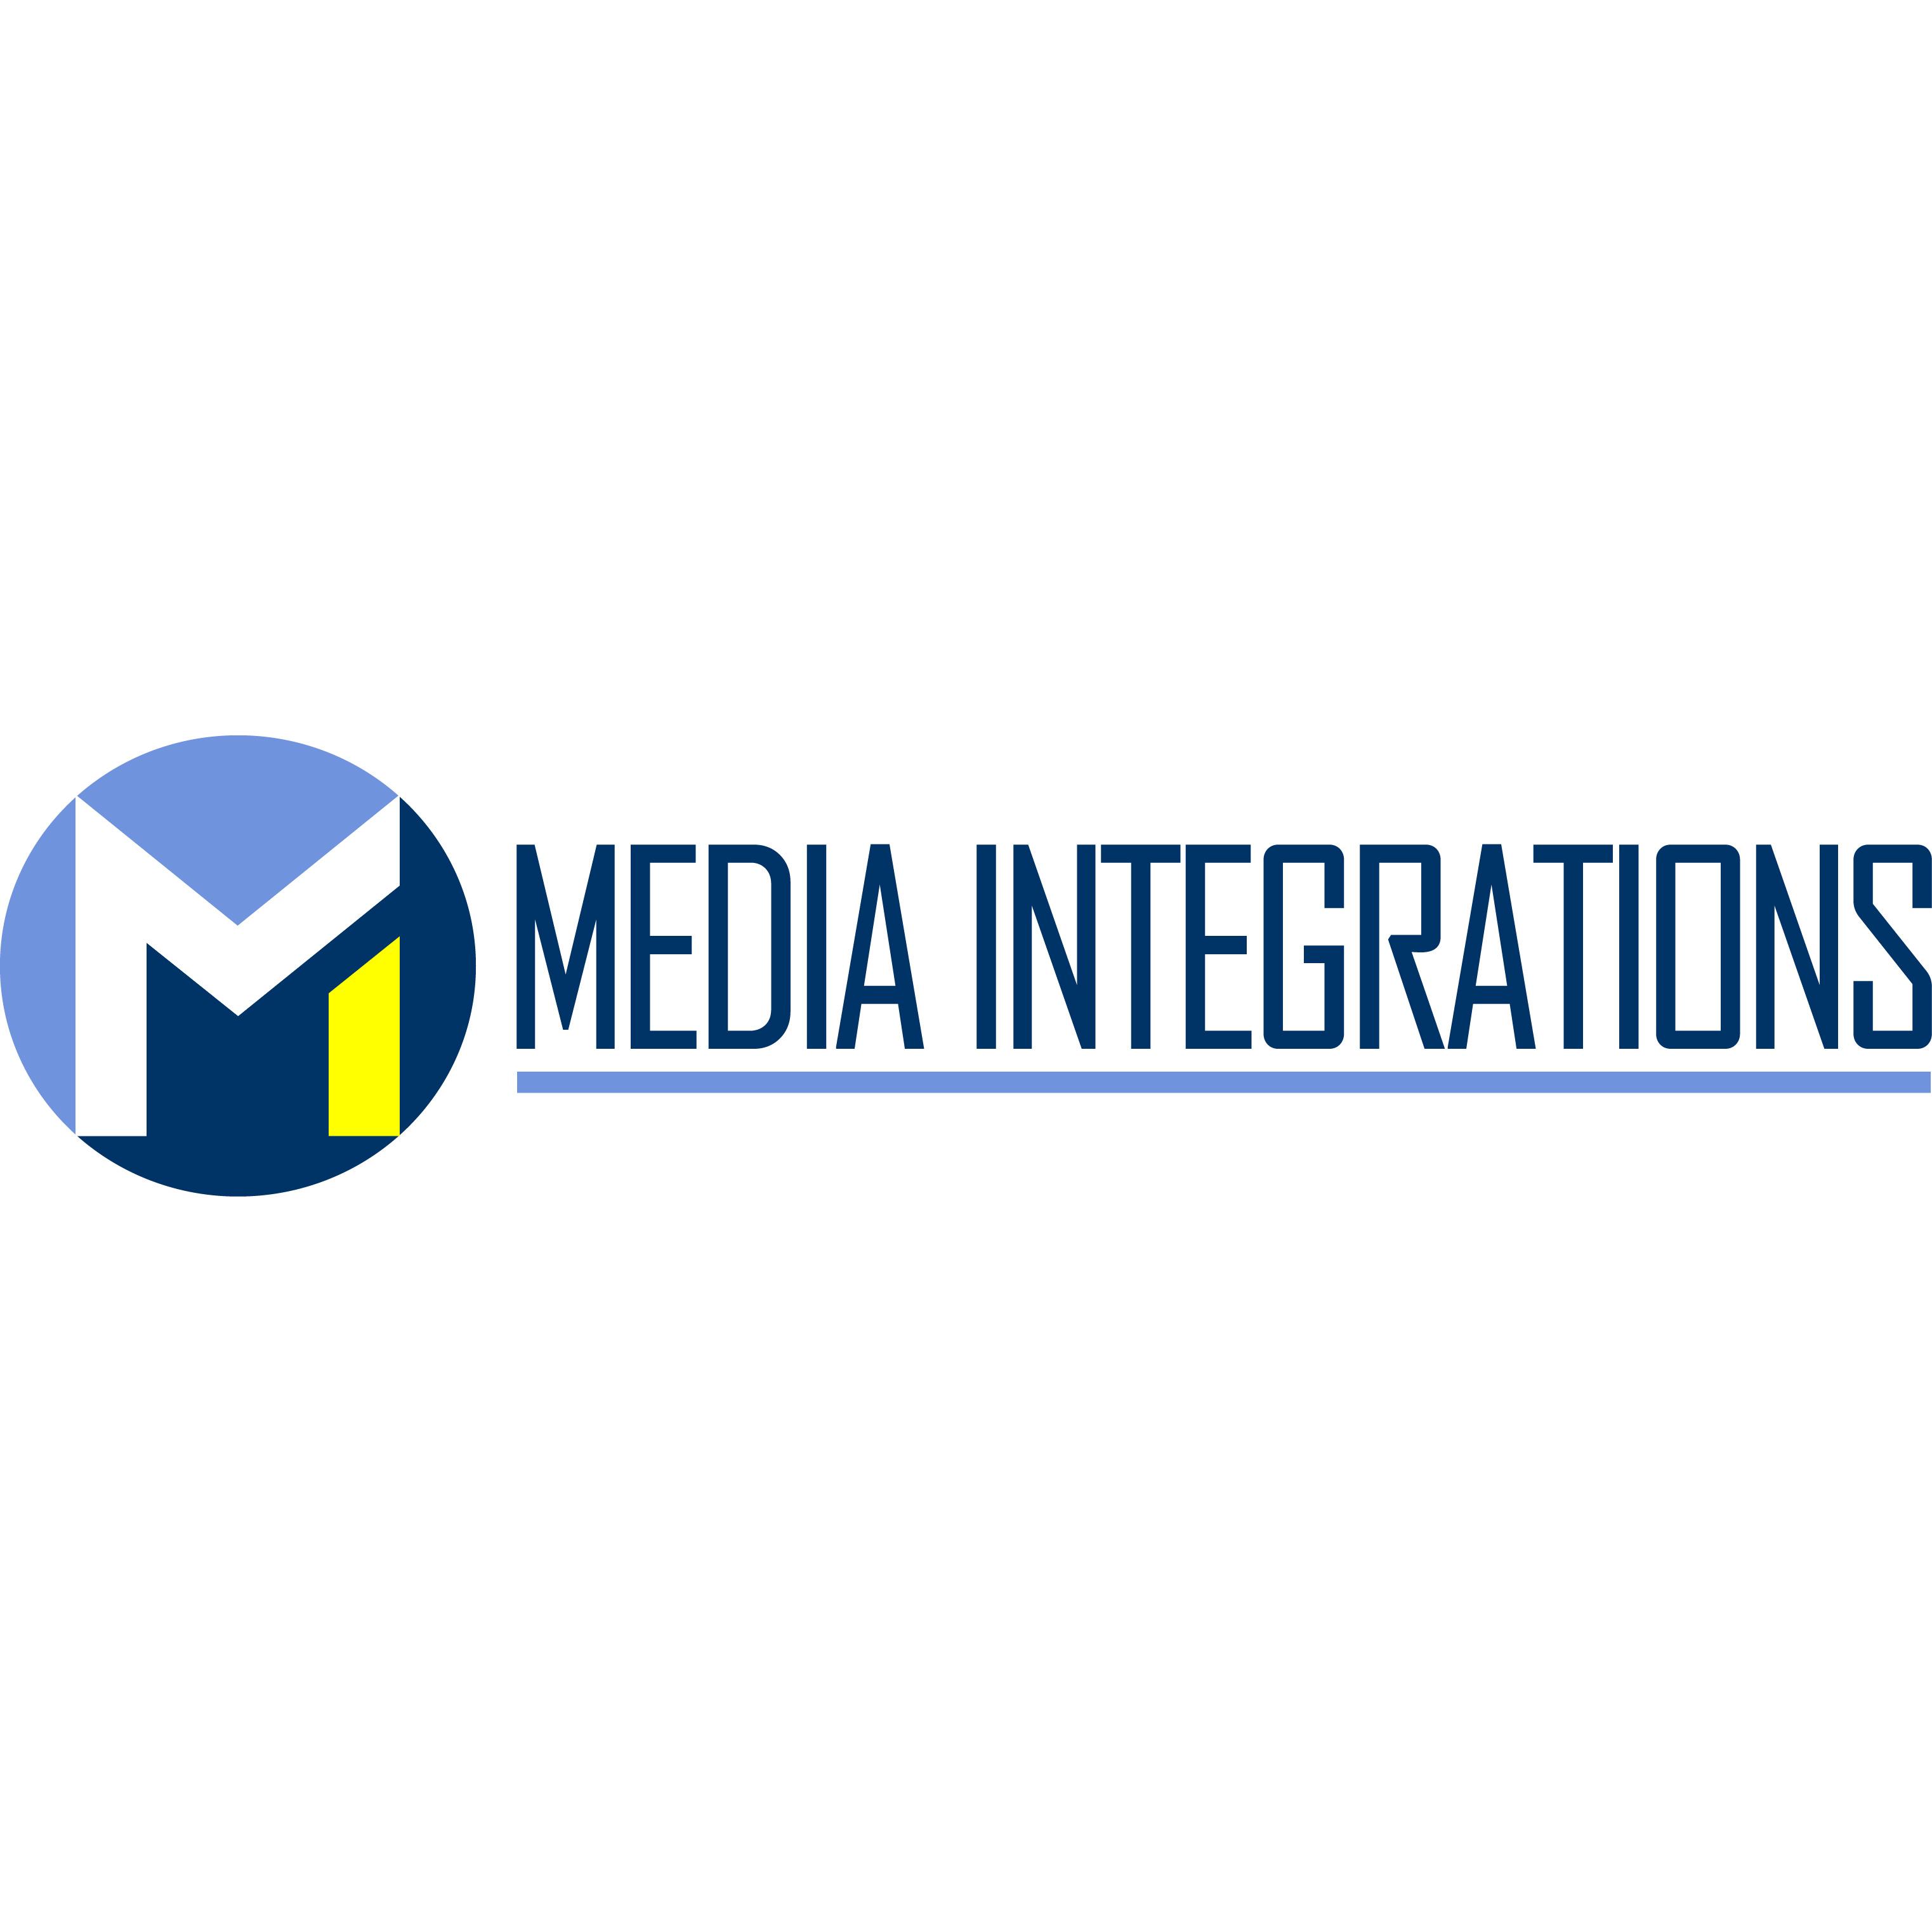 Media Integrations